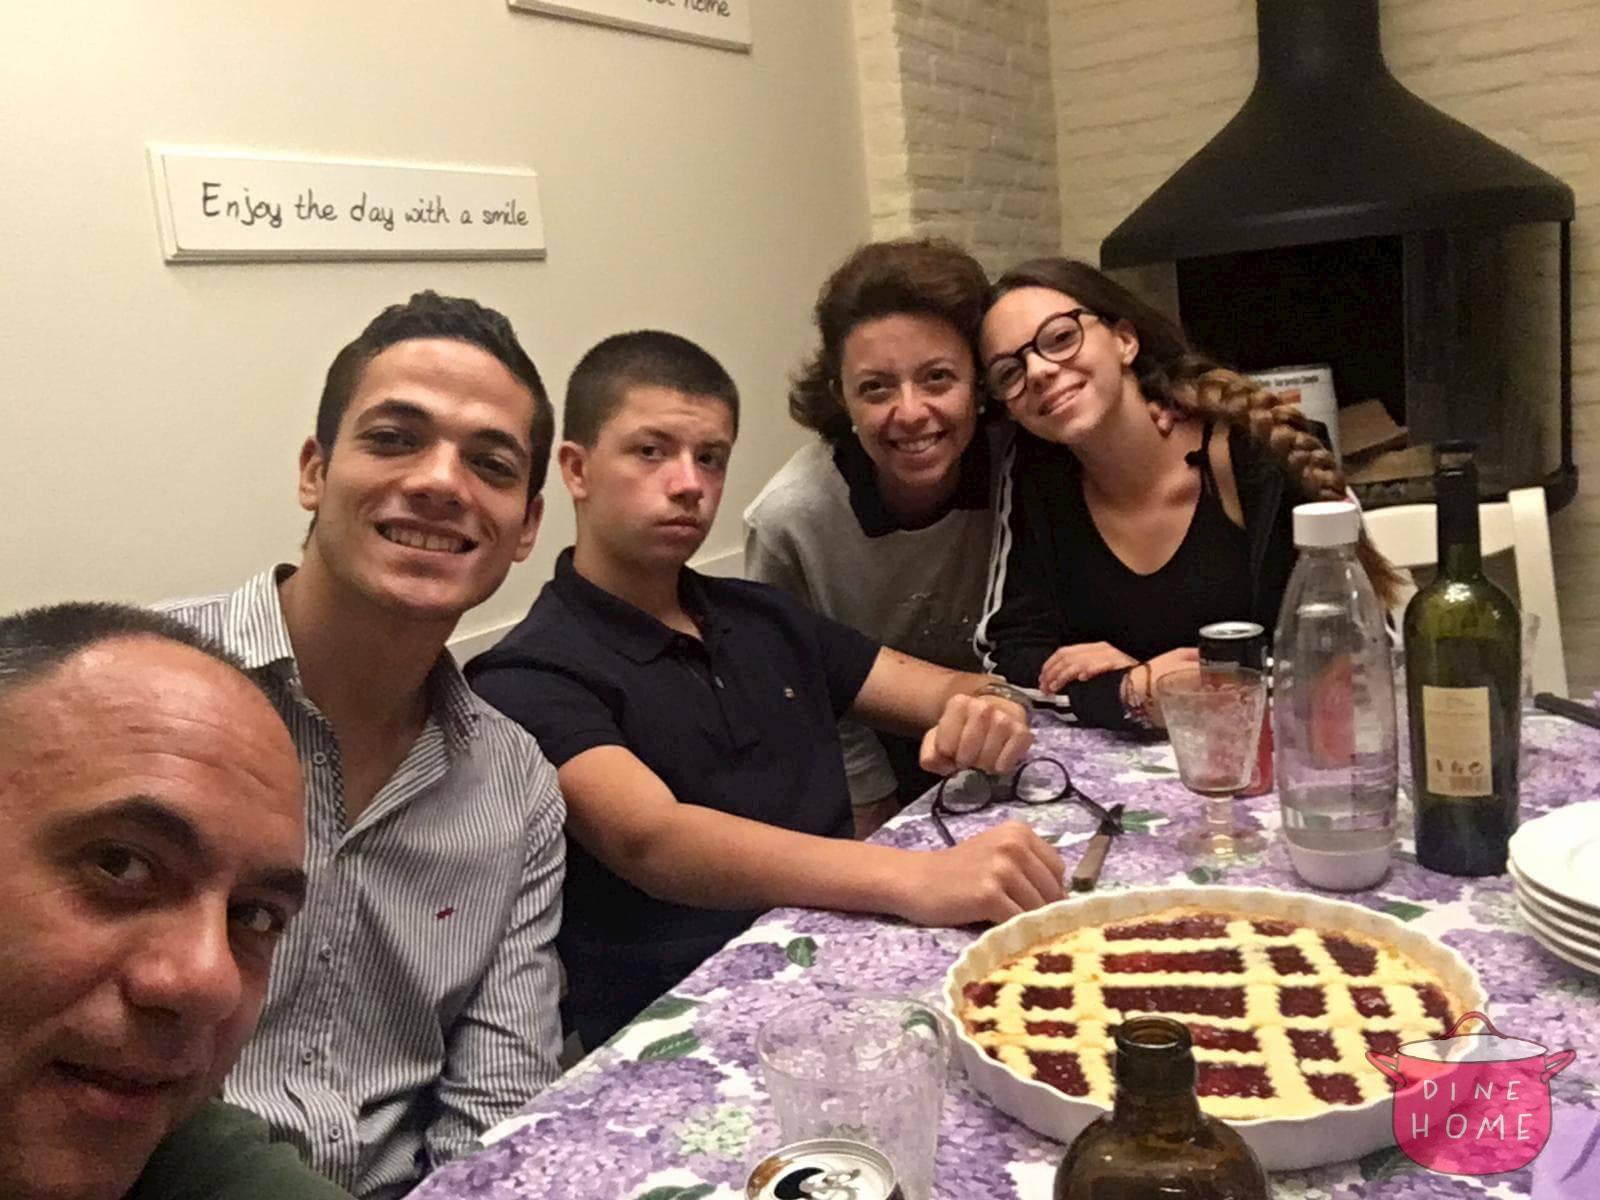 Ahmed, studente Egiziano, a cena dalla sua famiglia Dinehome.